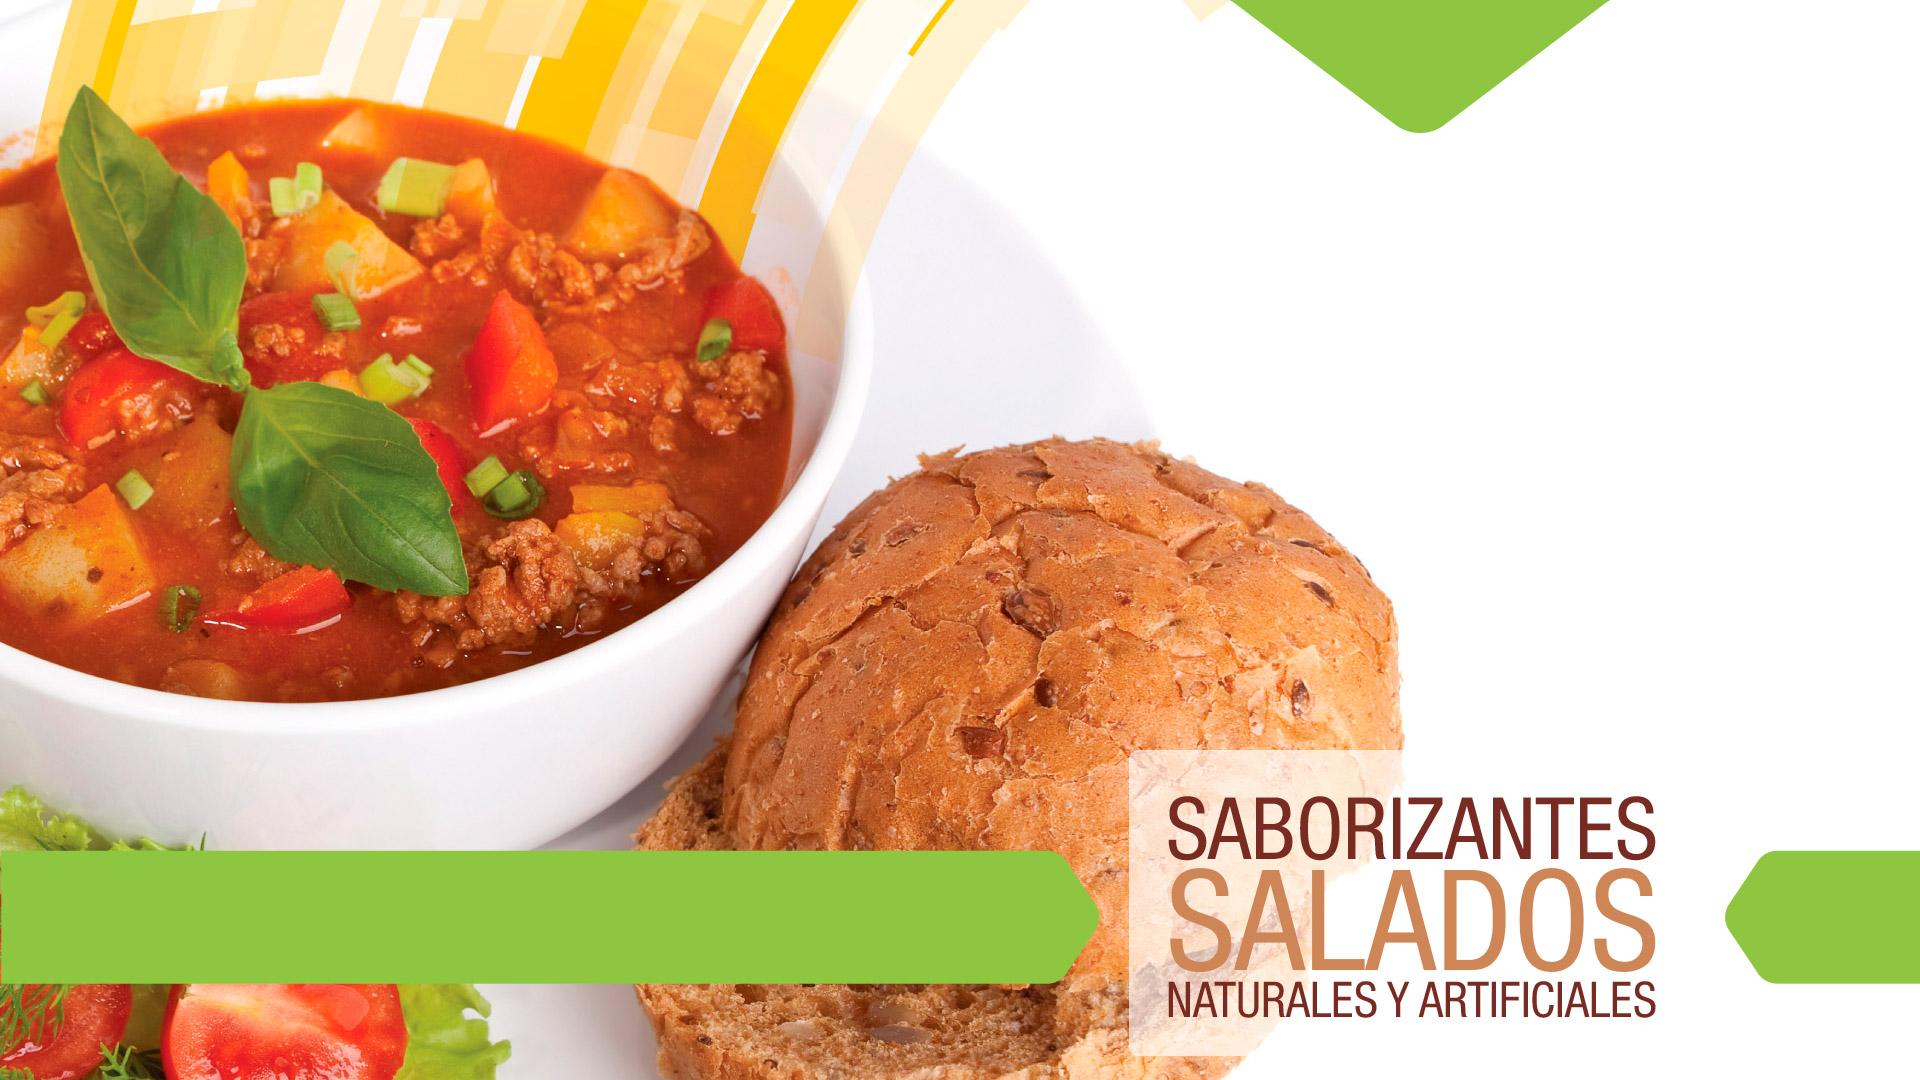 Saborizantes Salados   Naturales y Artificiales